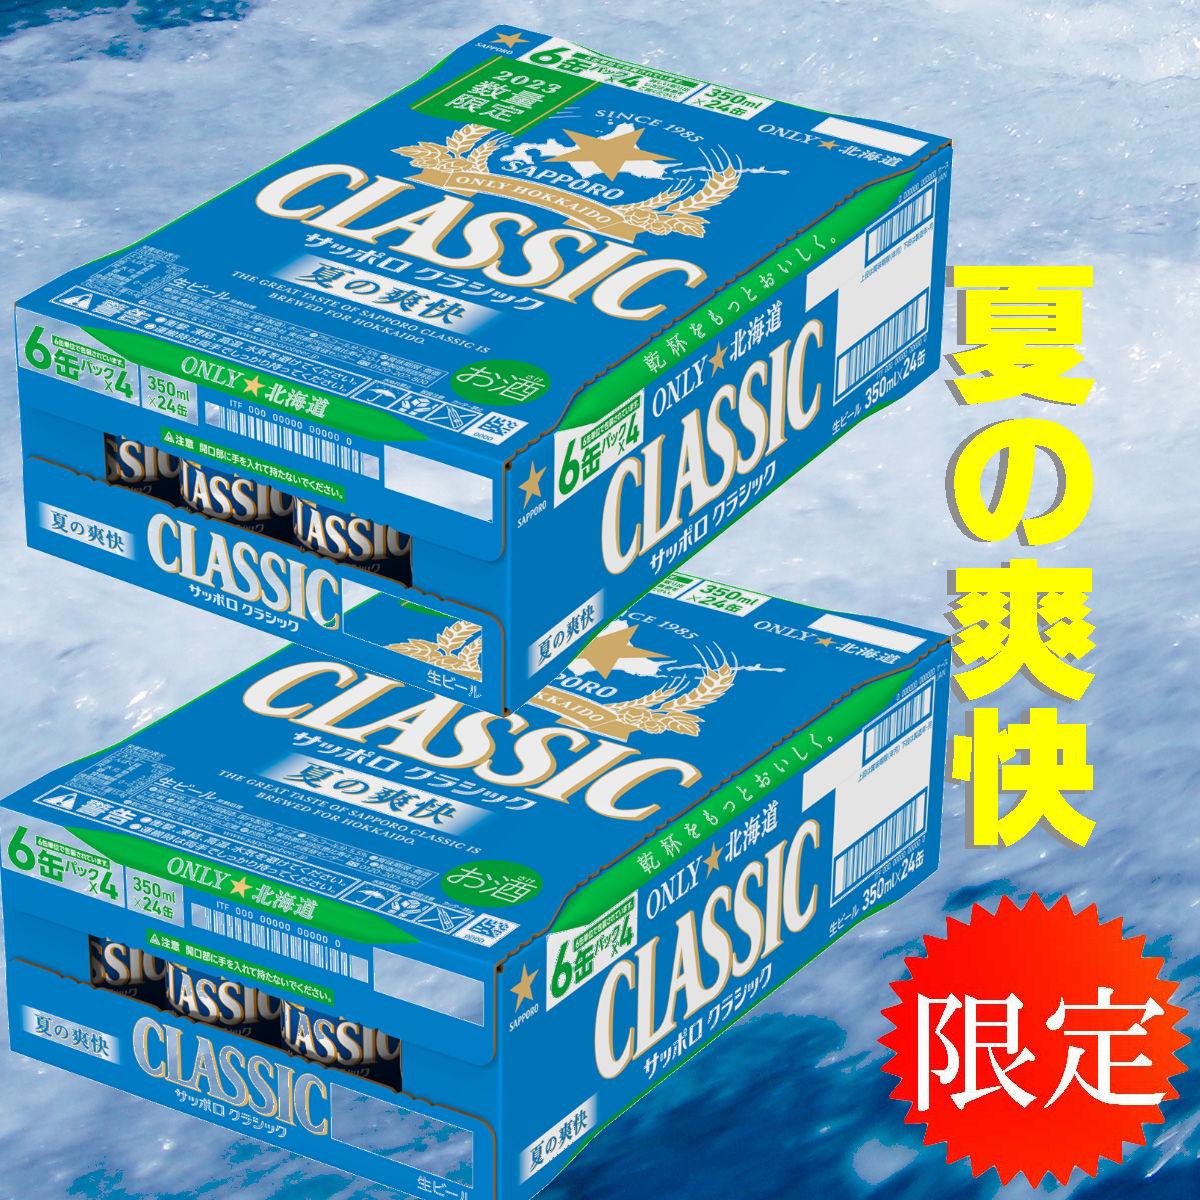 サッポロクラシック夏の爽快 350ml/24本入り<br> 2 箱